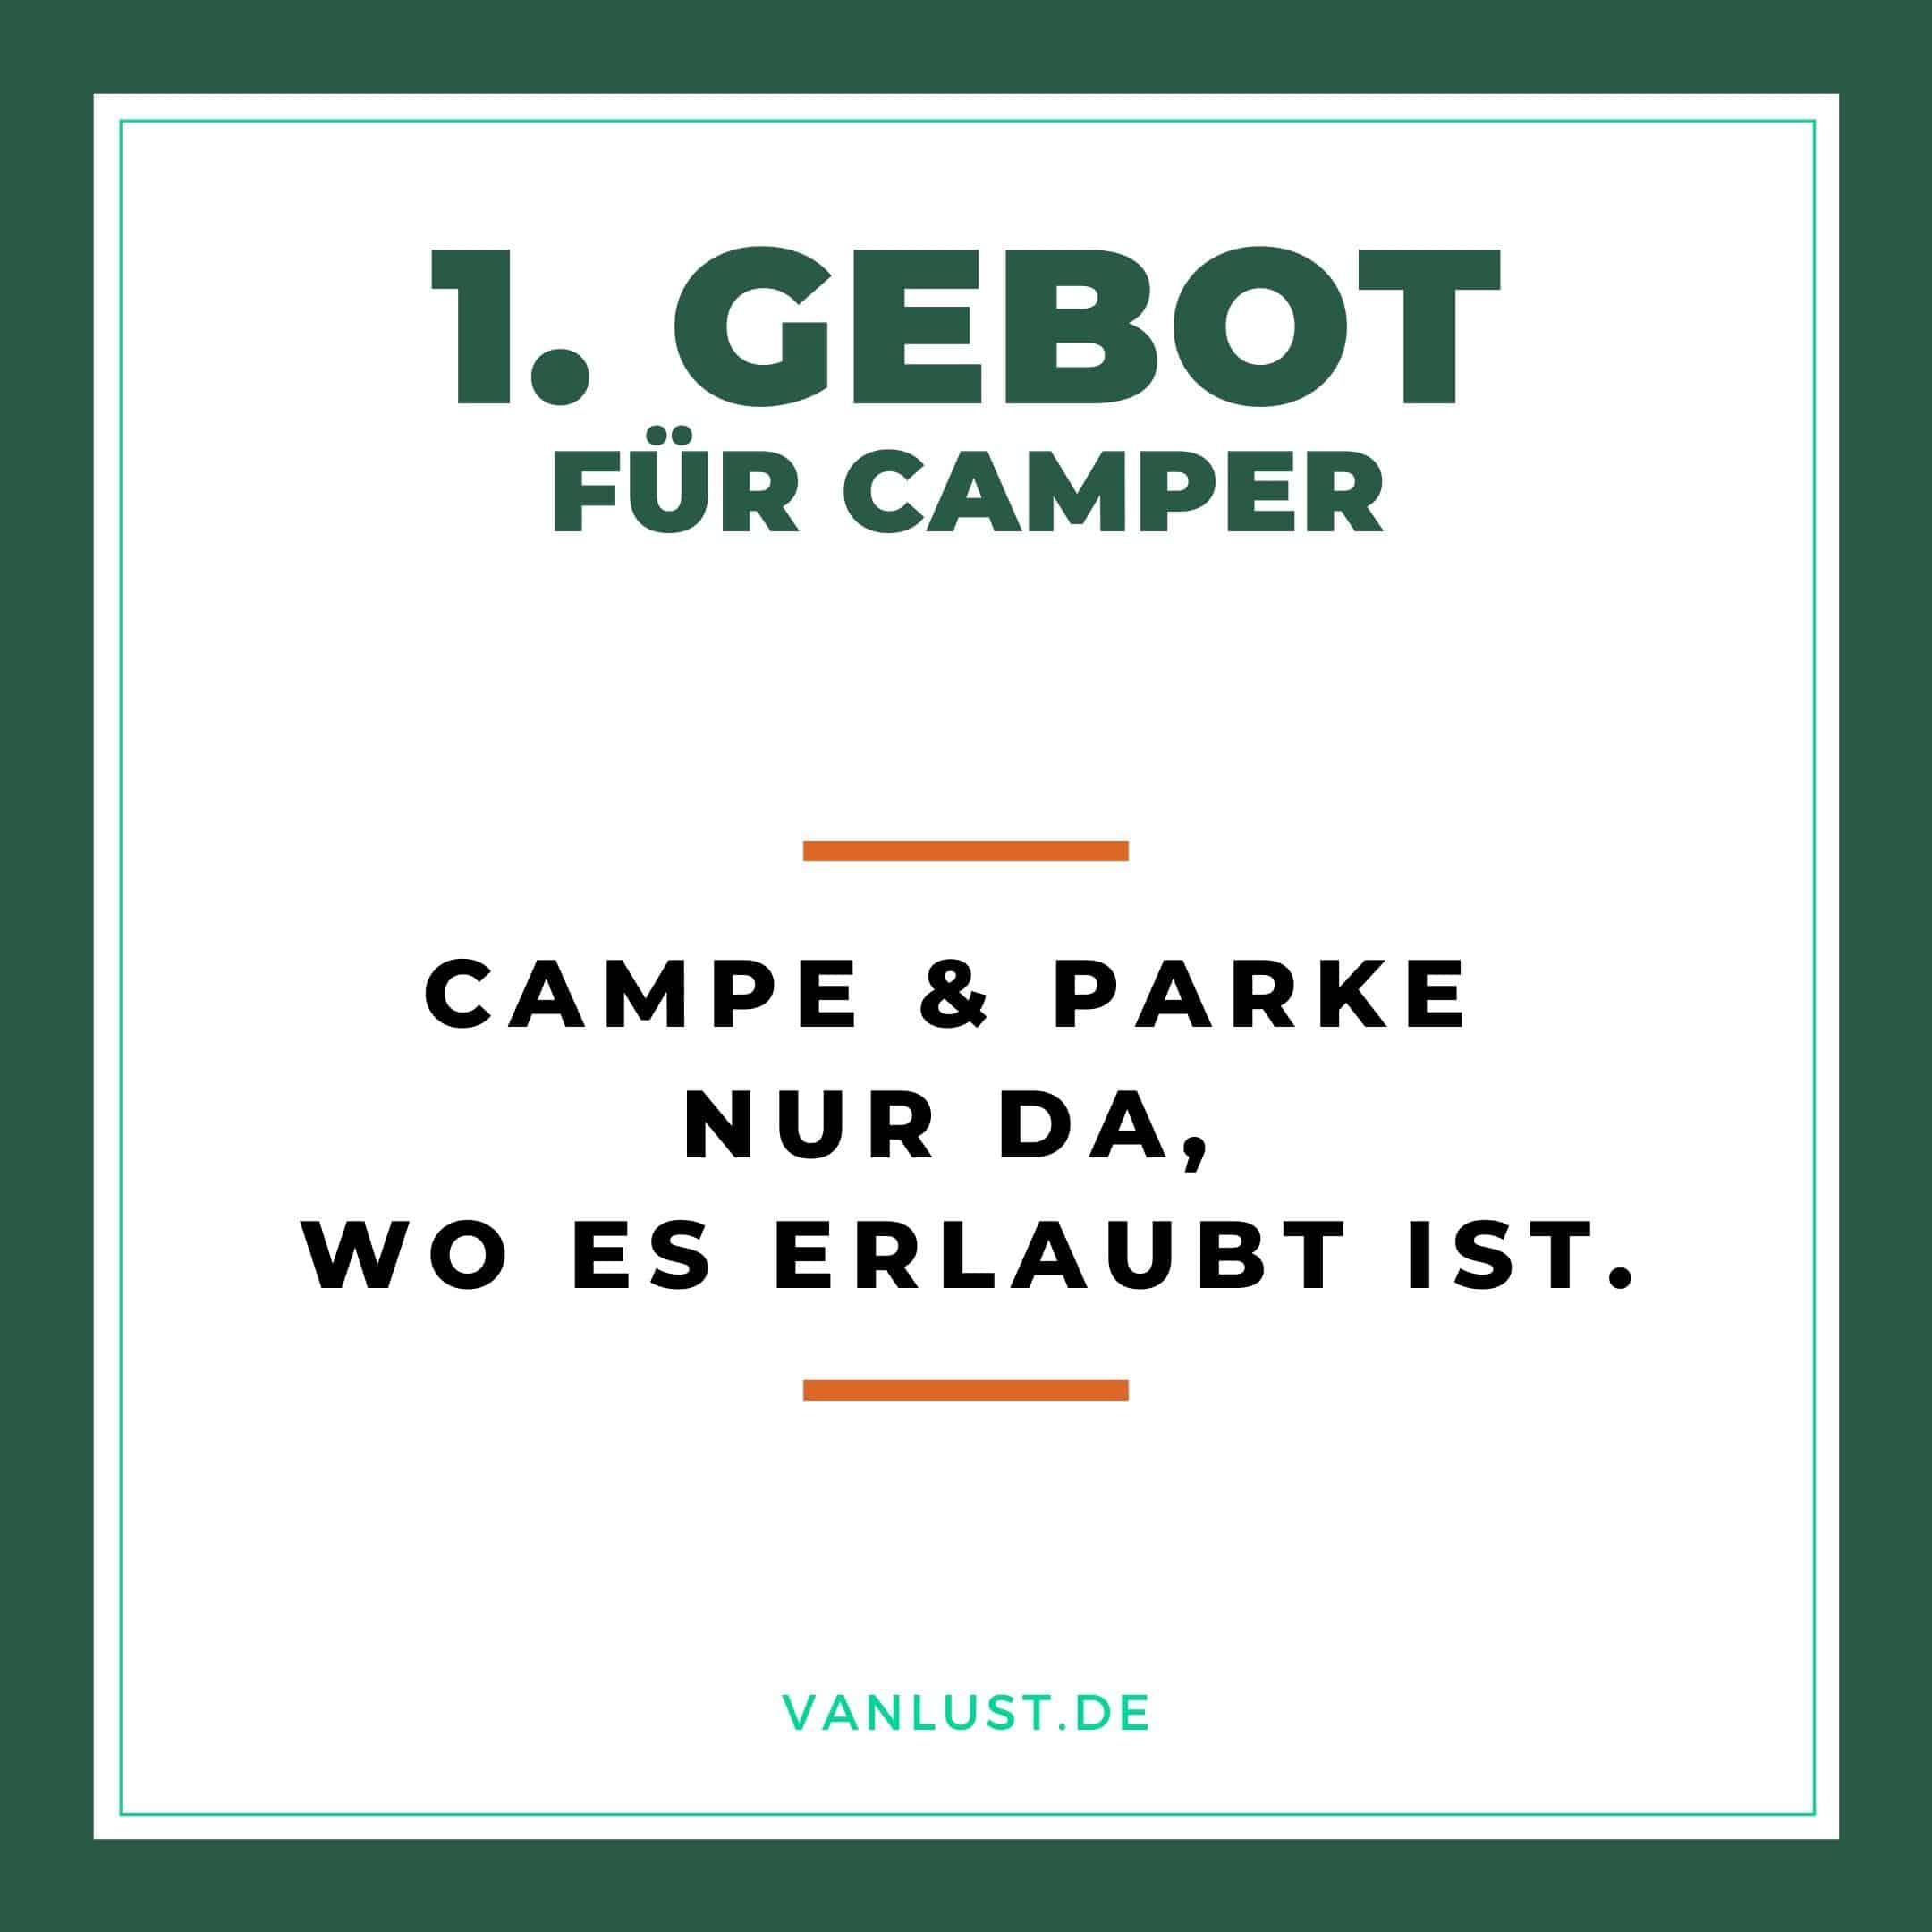 1. Gebot für Camper - 10 Gebote